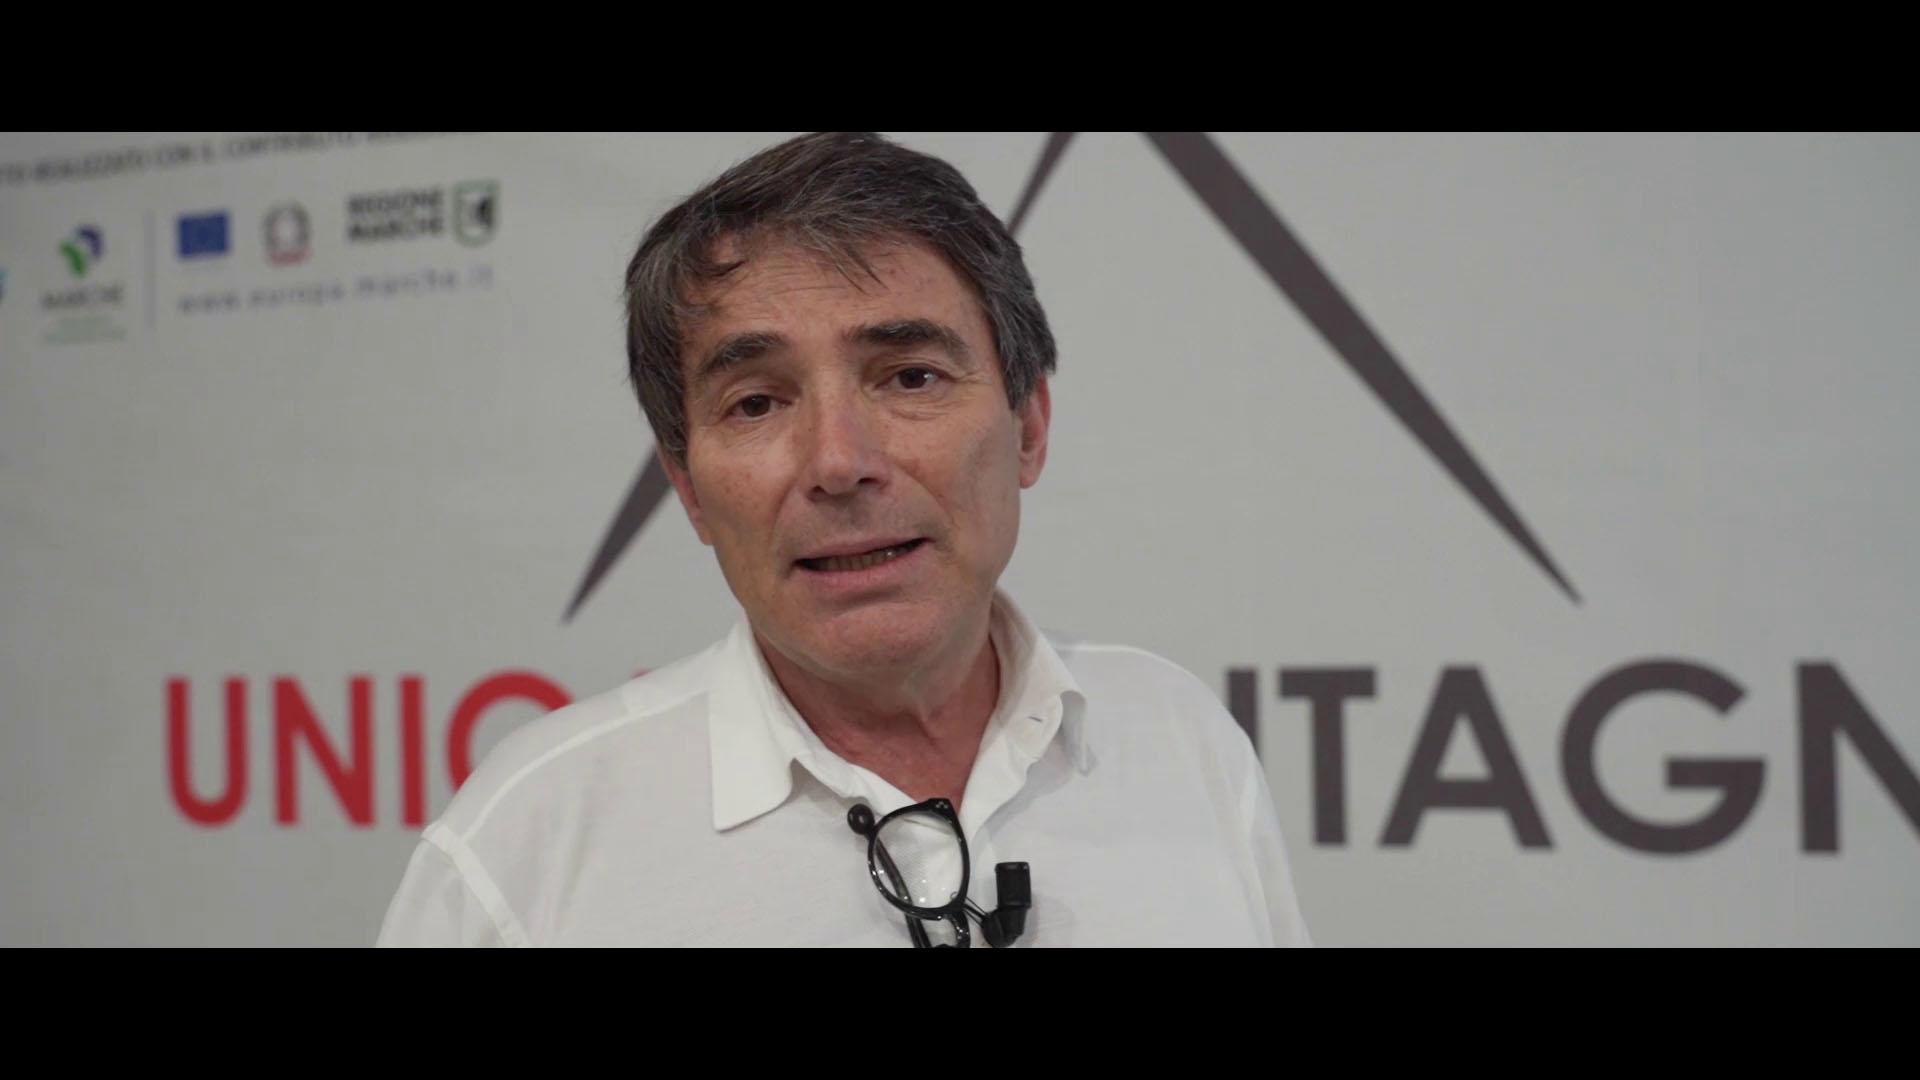 Video: Le impressioni di Duilio Giammaria moderatore della presentazione del progetto al Lanciano forum